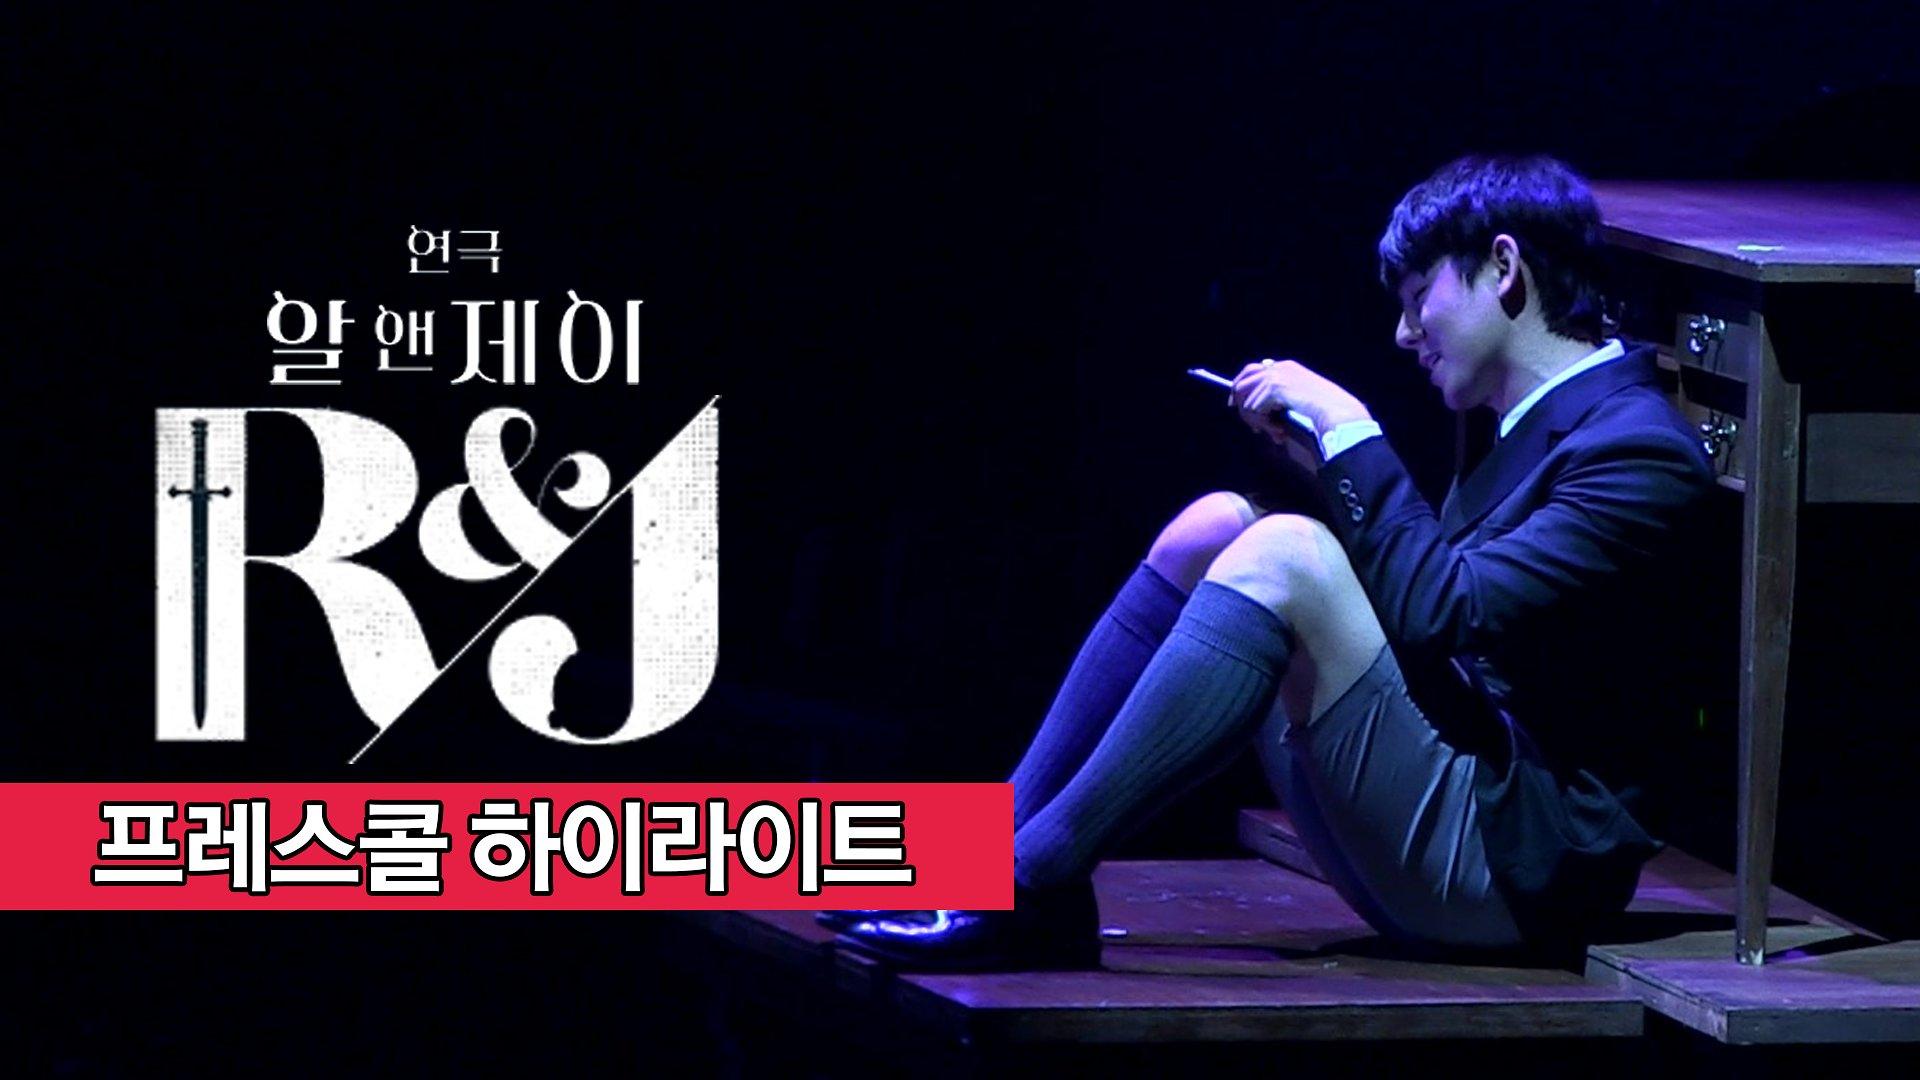 연극 '알앤제이(R&J)' 2019 프레스콜 하이라이트 - 박정복, 지일주, 기세중 외